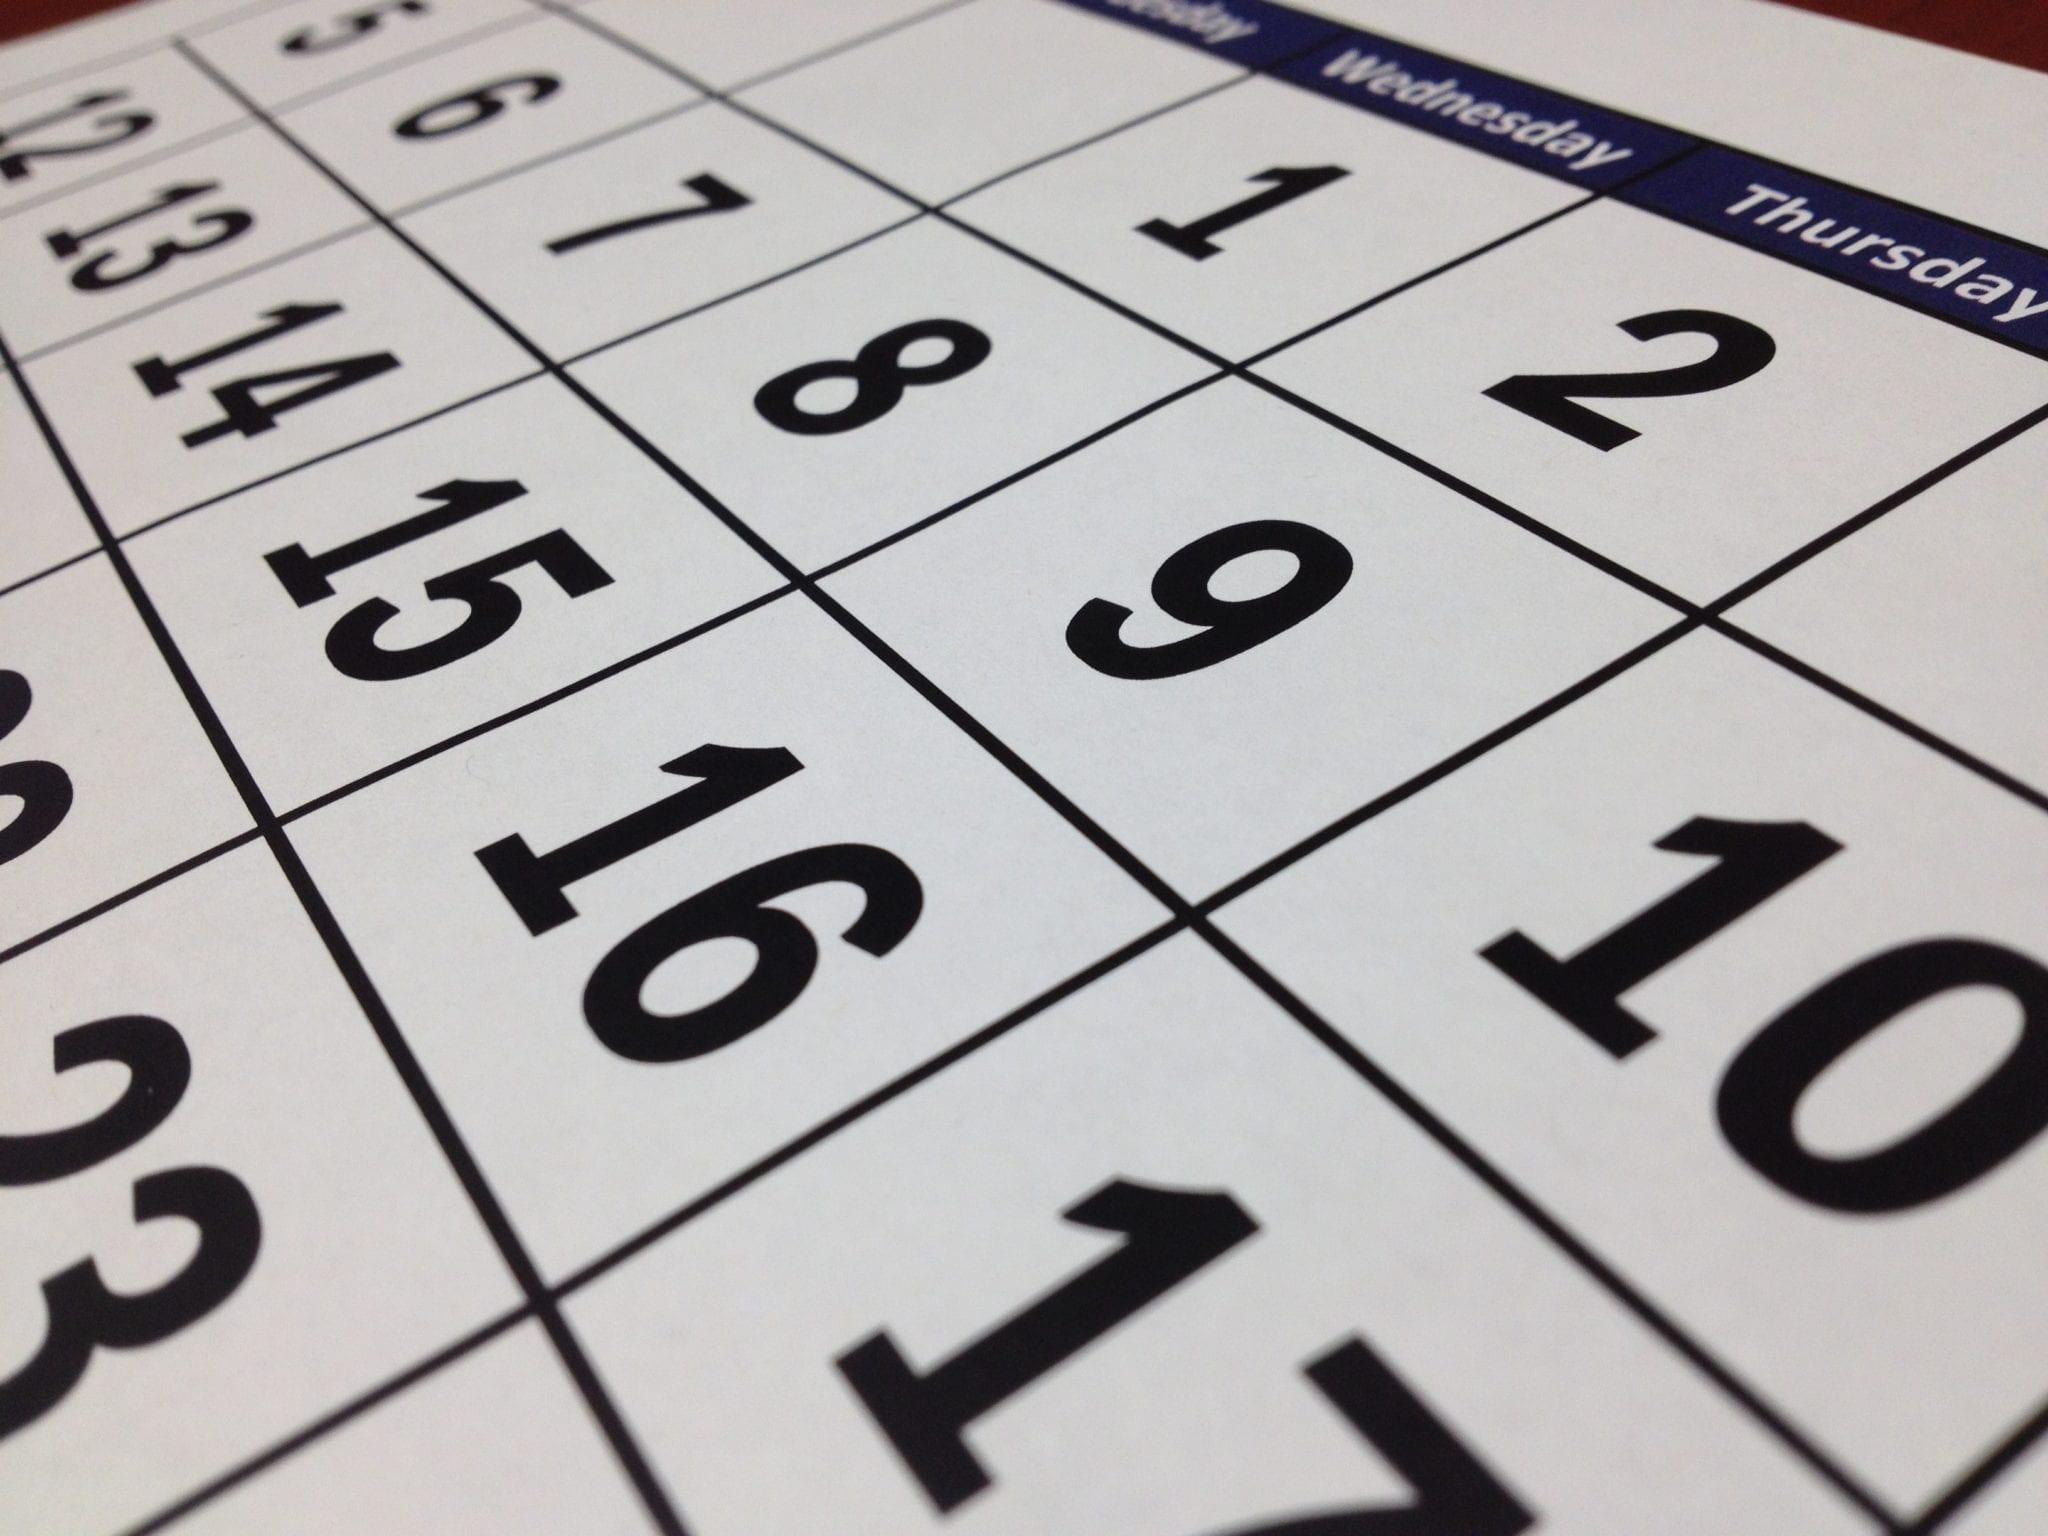 Skinner's calendar competition